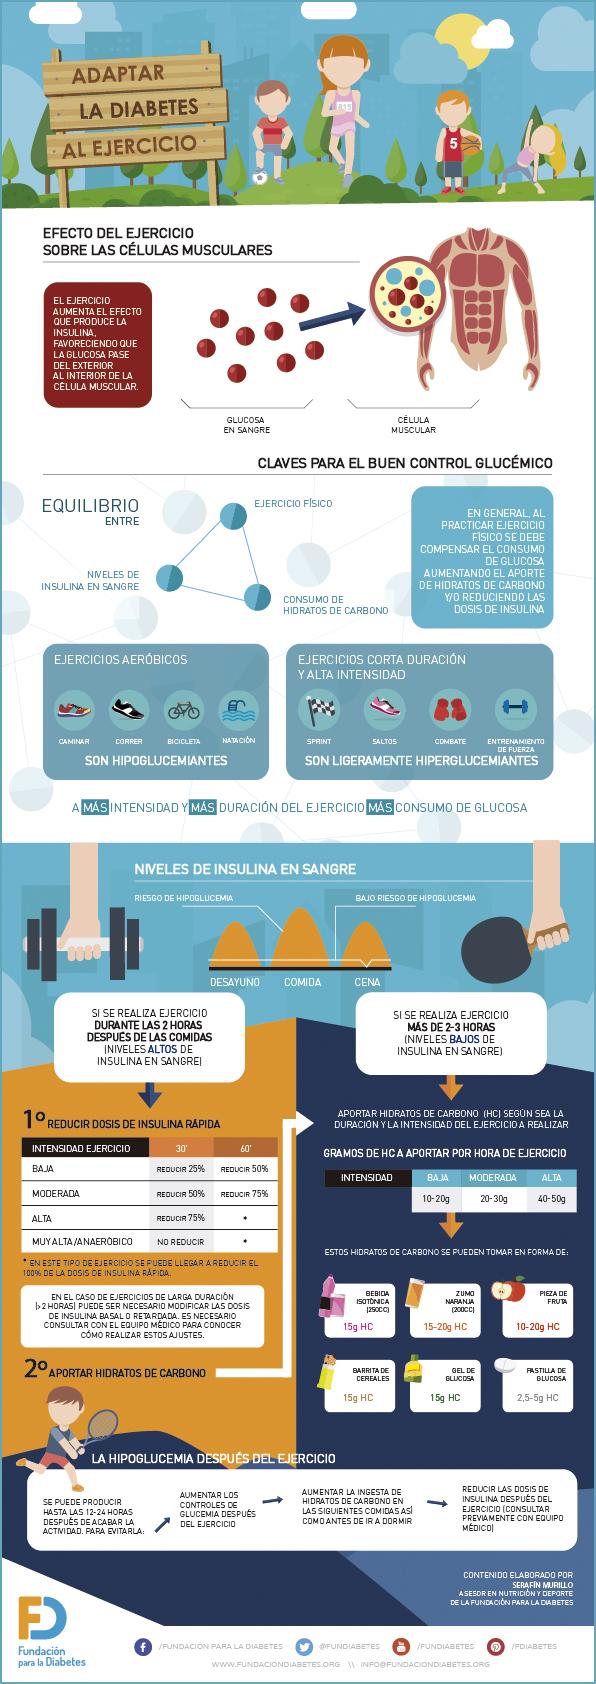 Infografía sobre cómo adaptar la diabetes al ejercicio